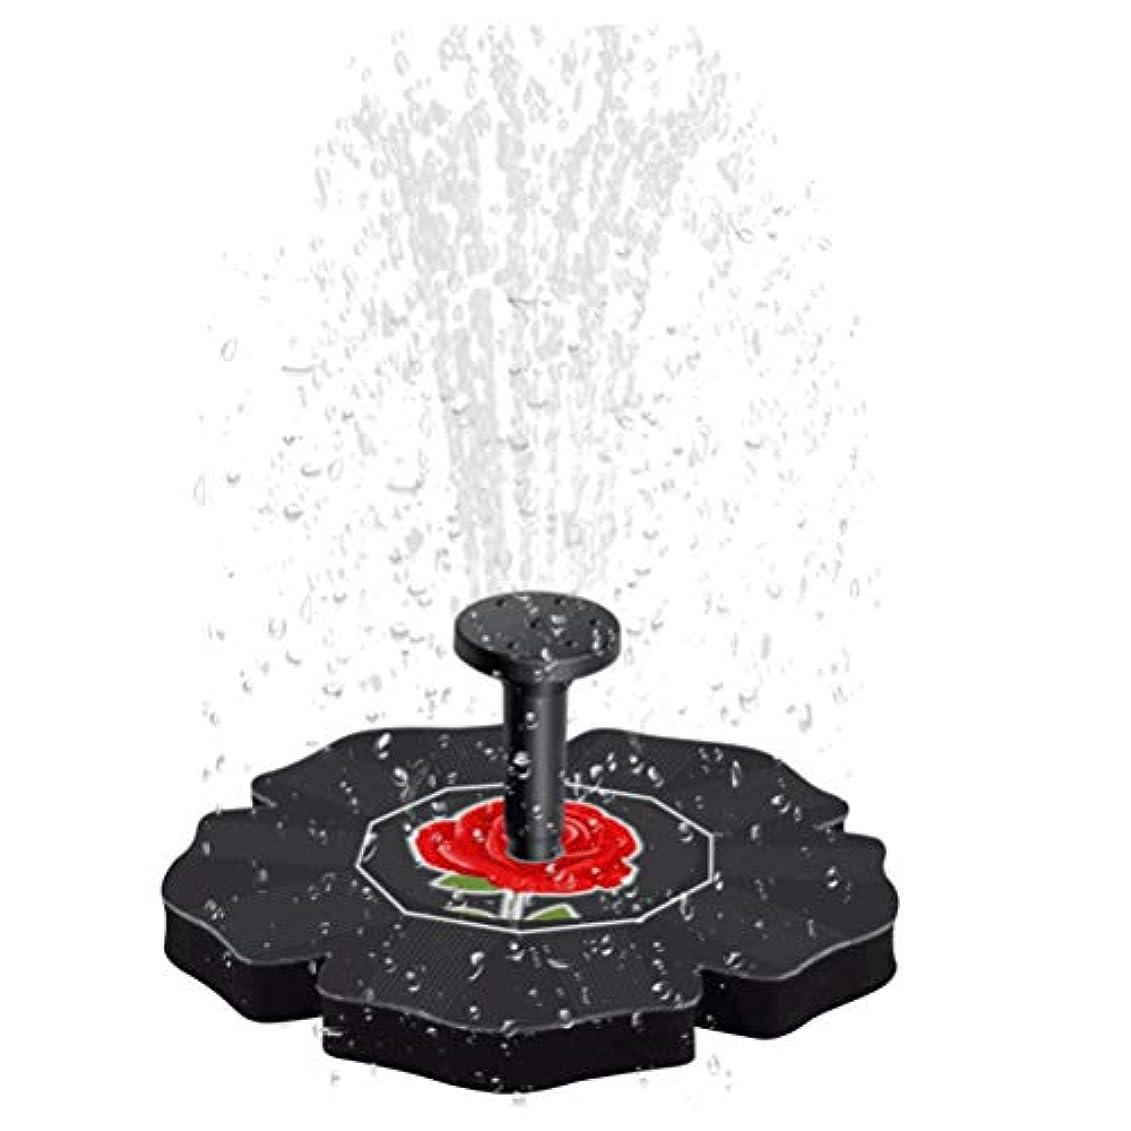 LIOOBO ソーラーパワーウォーターポンプバードバス噴水ブラシレスフローティング漂流パネル用バードバス用水槽水槽水族館ガーデン芝生